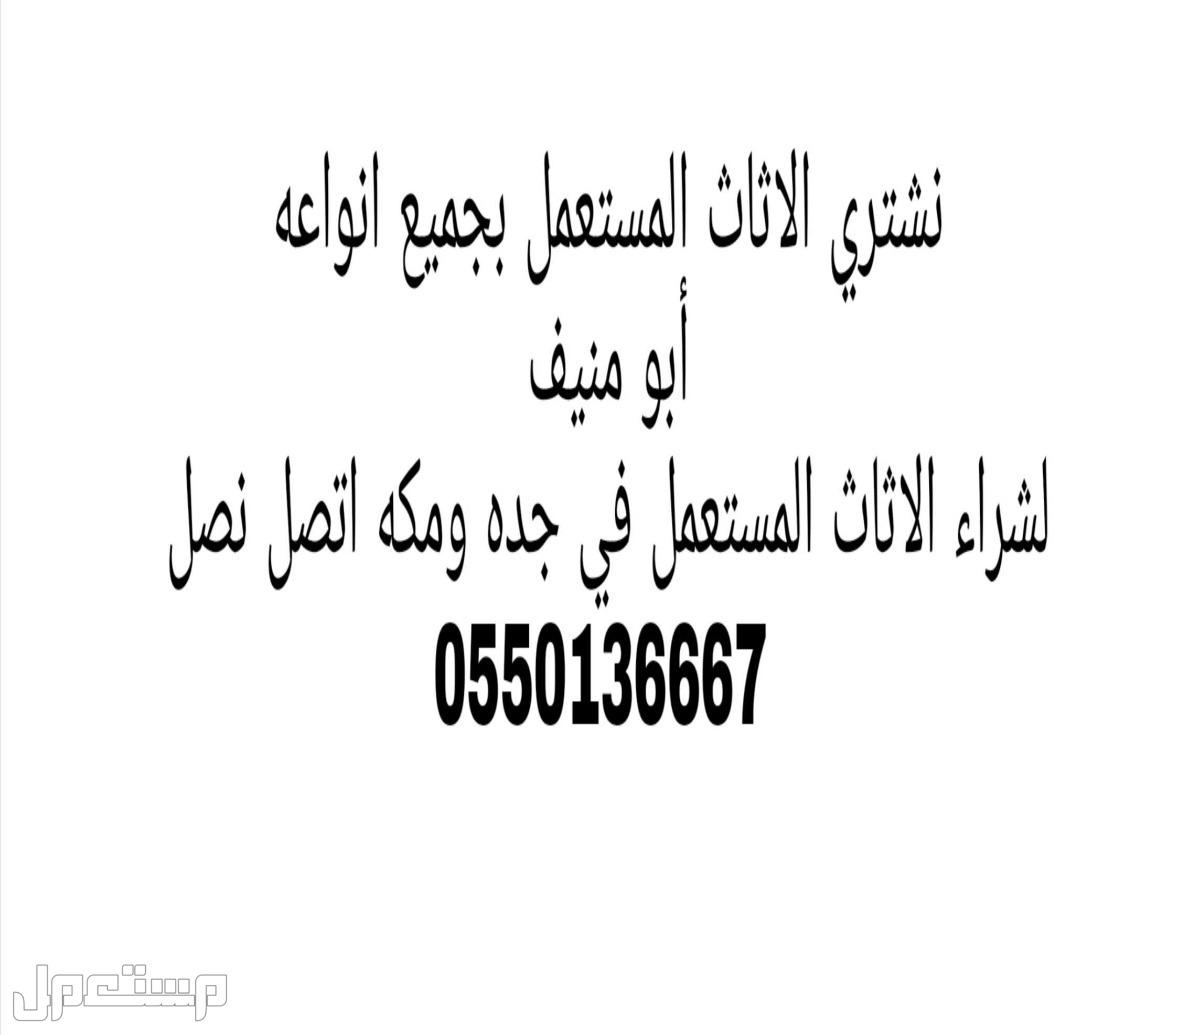 شراء الاثاث المستعمل أبو منيف لشراء الاثاث المستعمل  0550136667